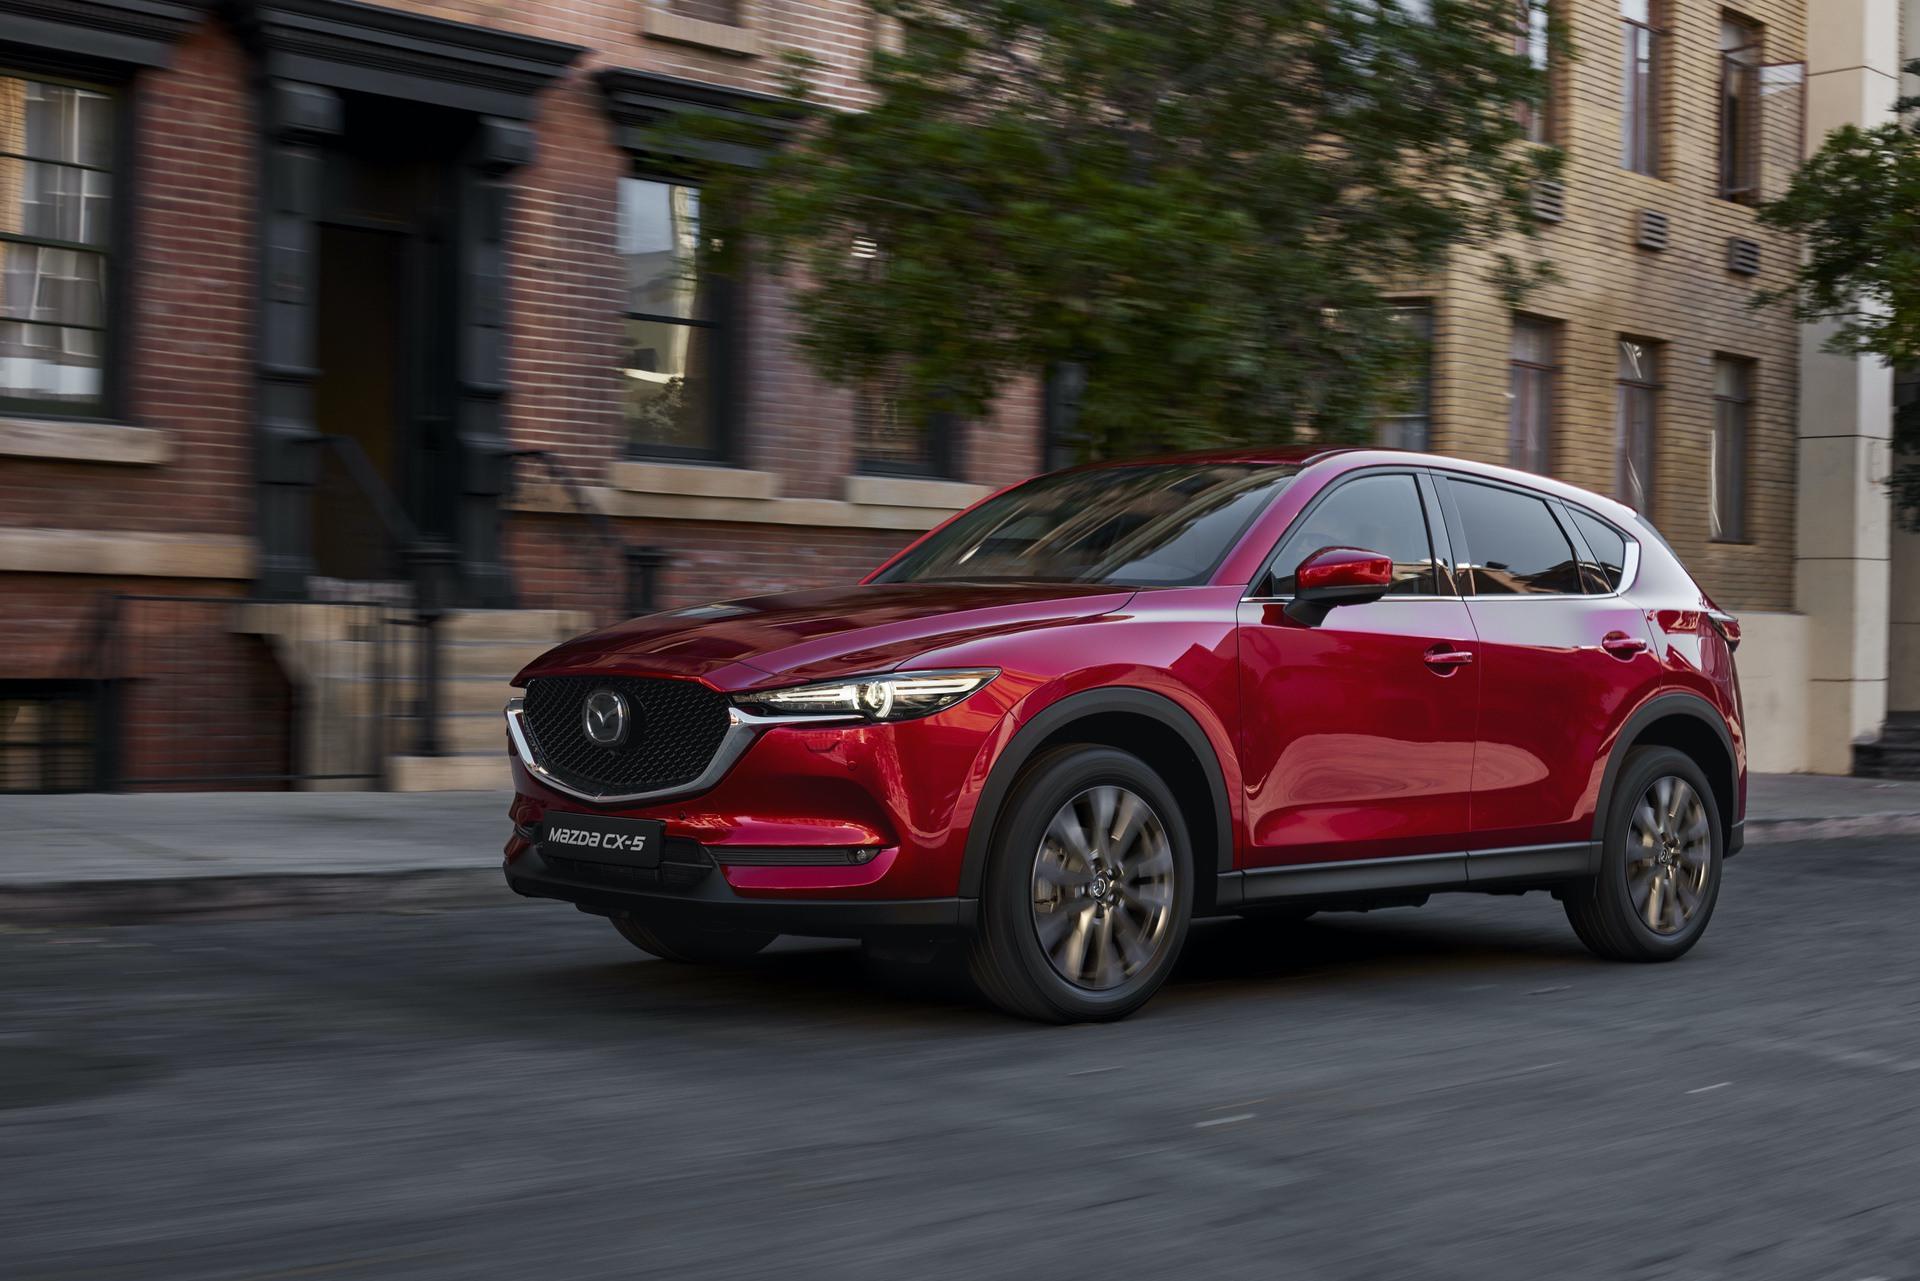 03-2019-Mazda-CX-5-EU-specification